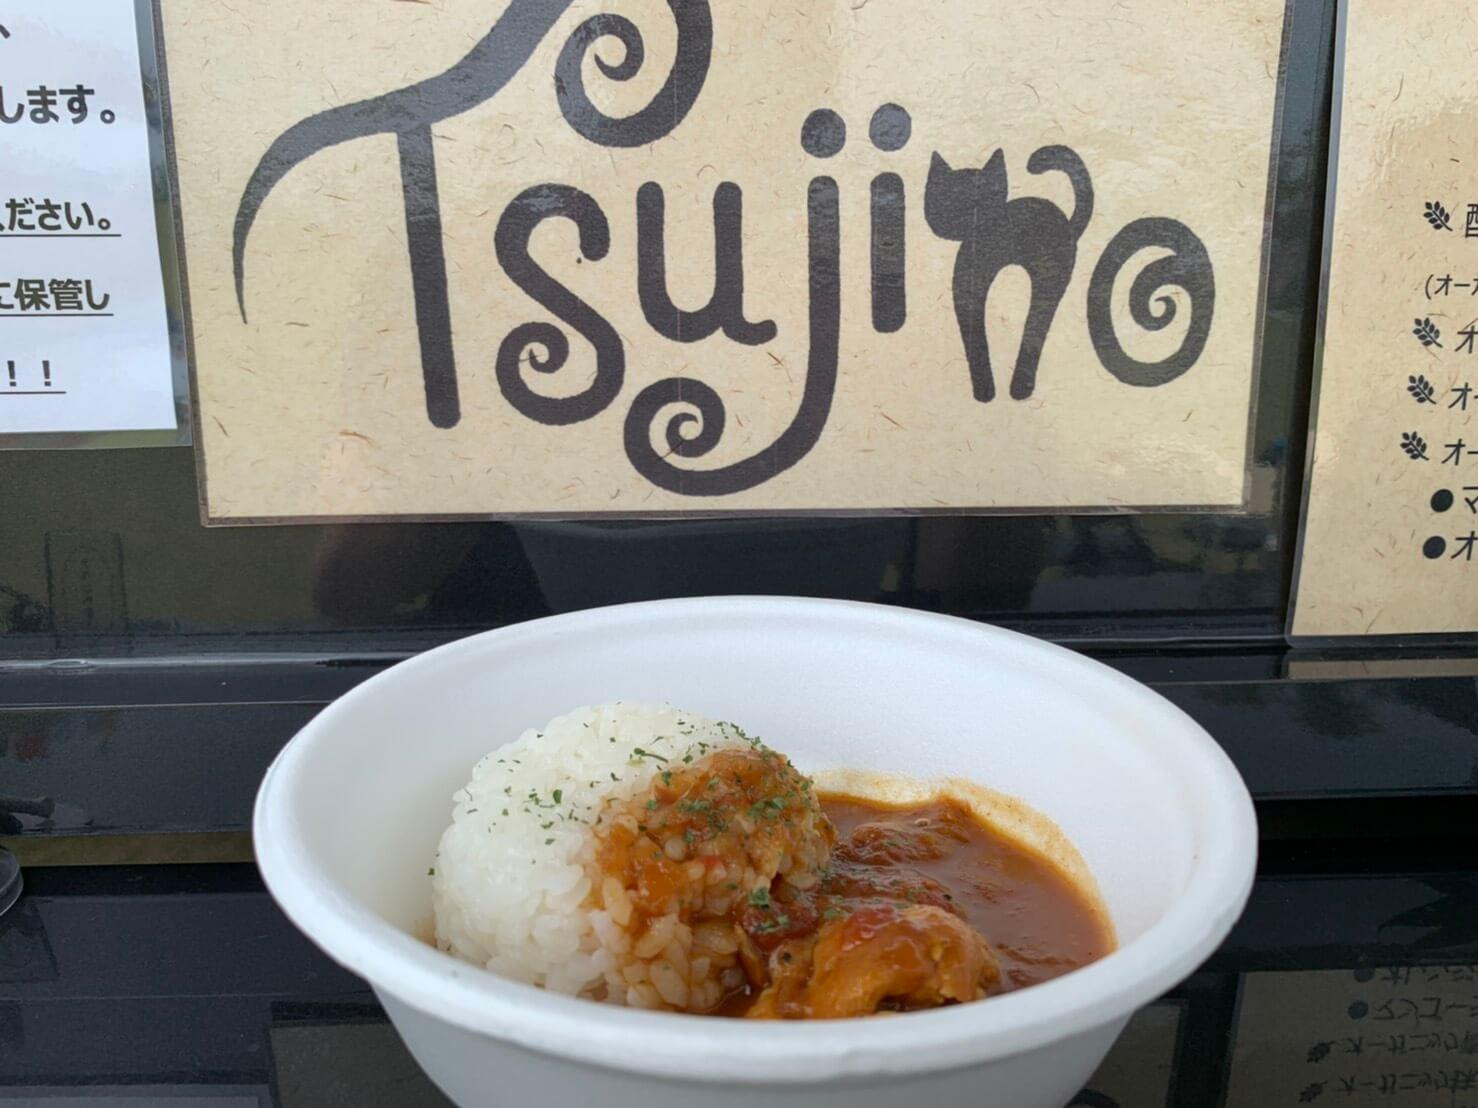 Tsujinoトマトチキン煮込みカレー